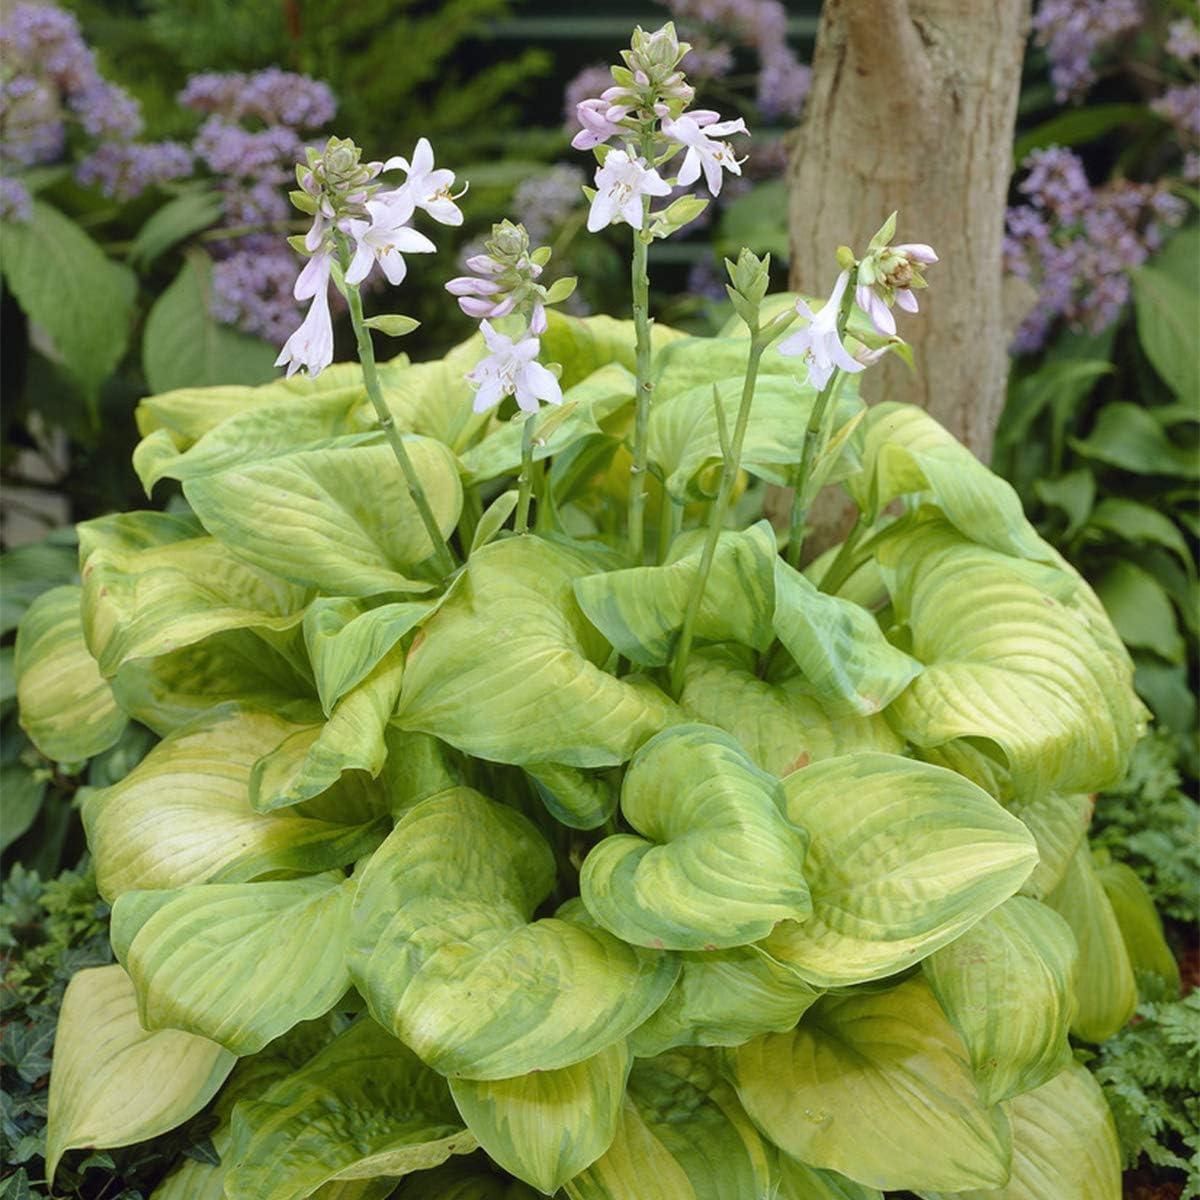 Van Zyverden 88300 Hosta Guacamole Set of 3 Roots Dormant Flower Bulbs, White